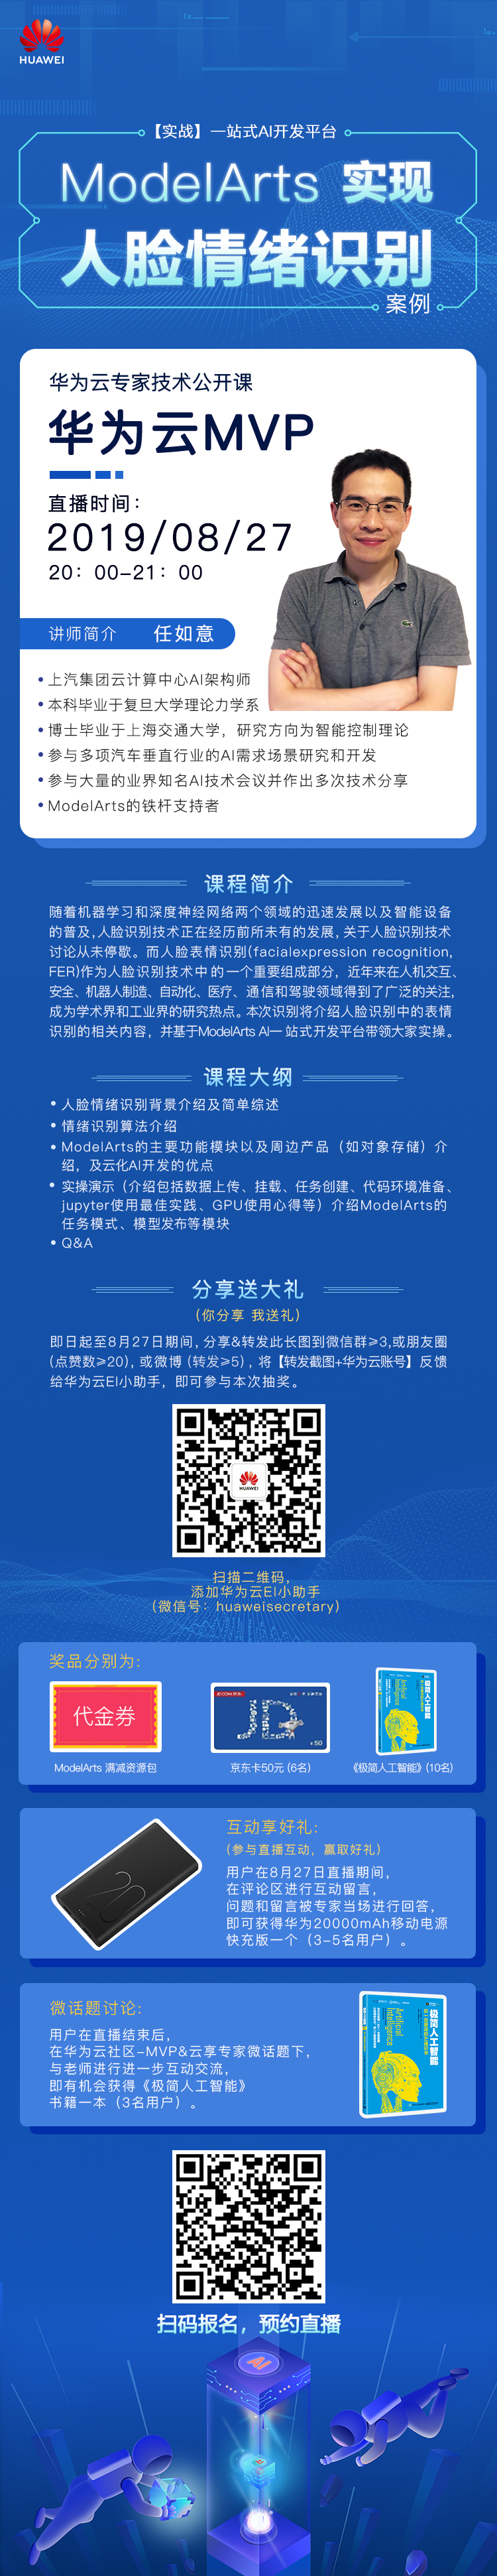 更新长图-二维码.jpg